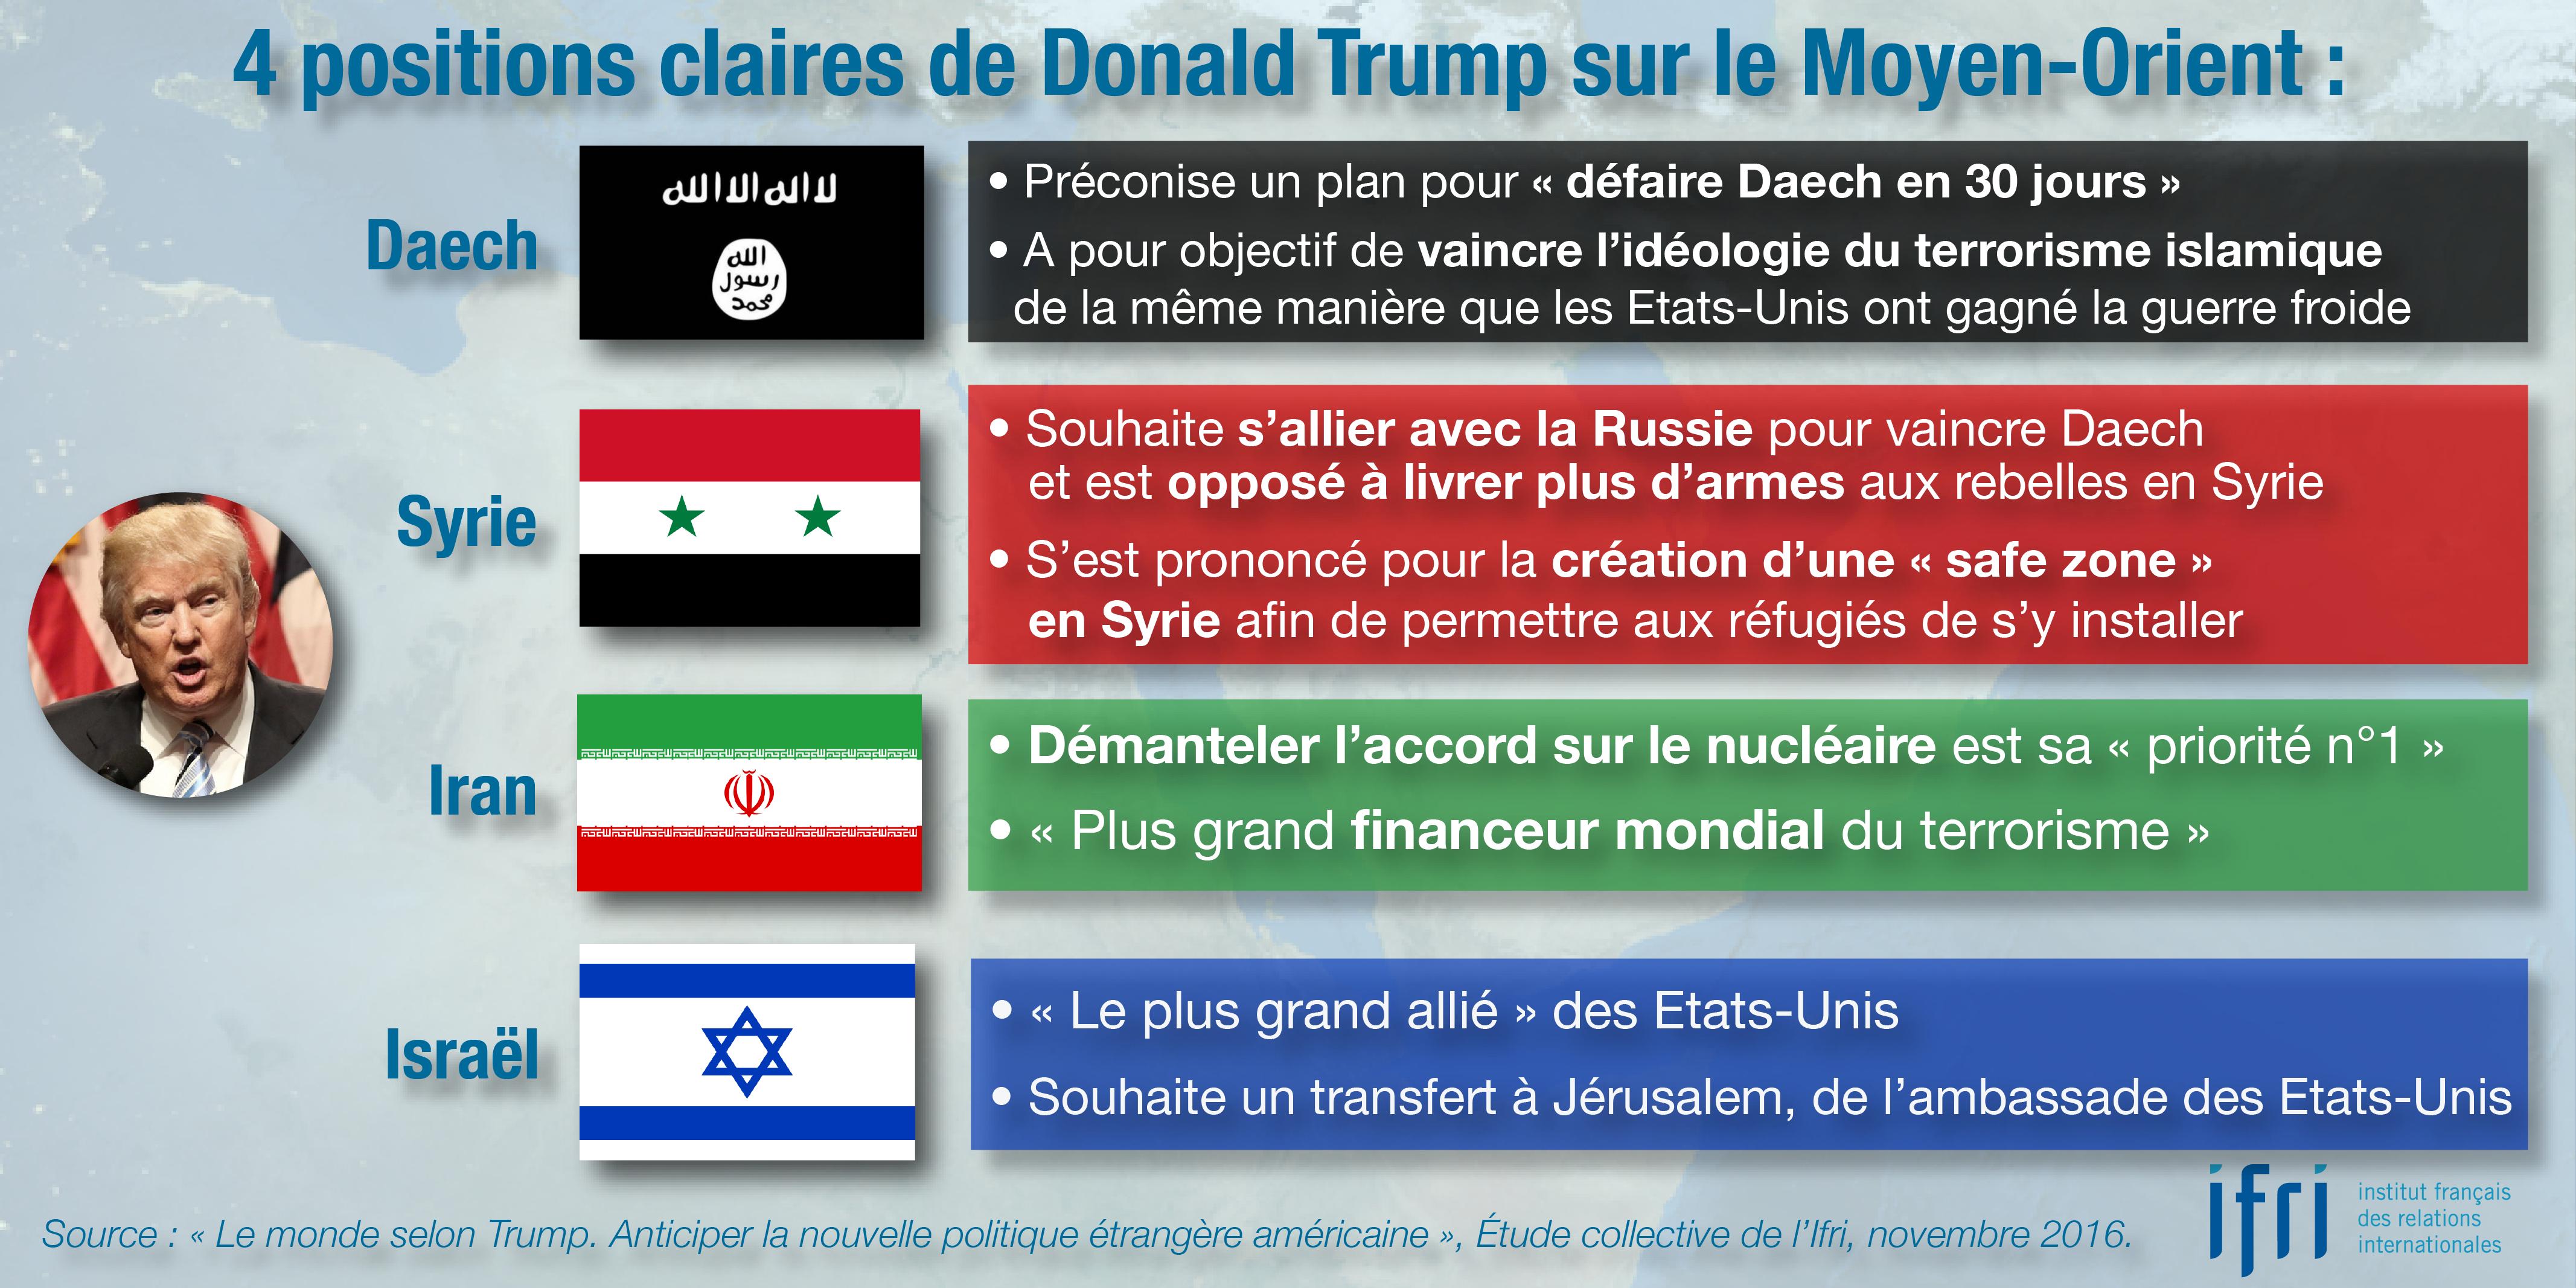 4 positions claires de Donald Trump sur le Moyen-Orient